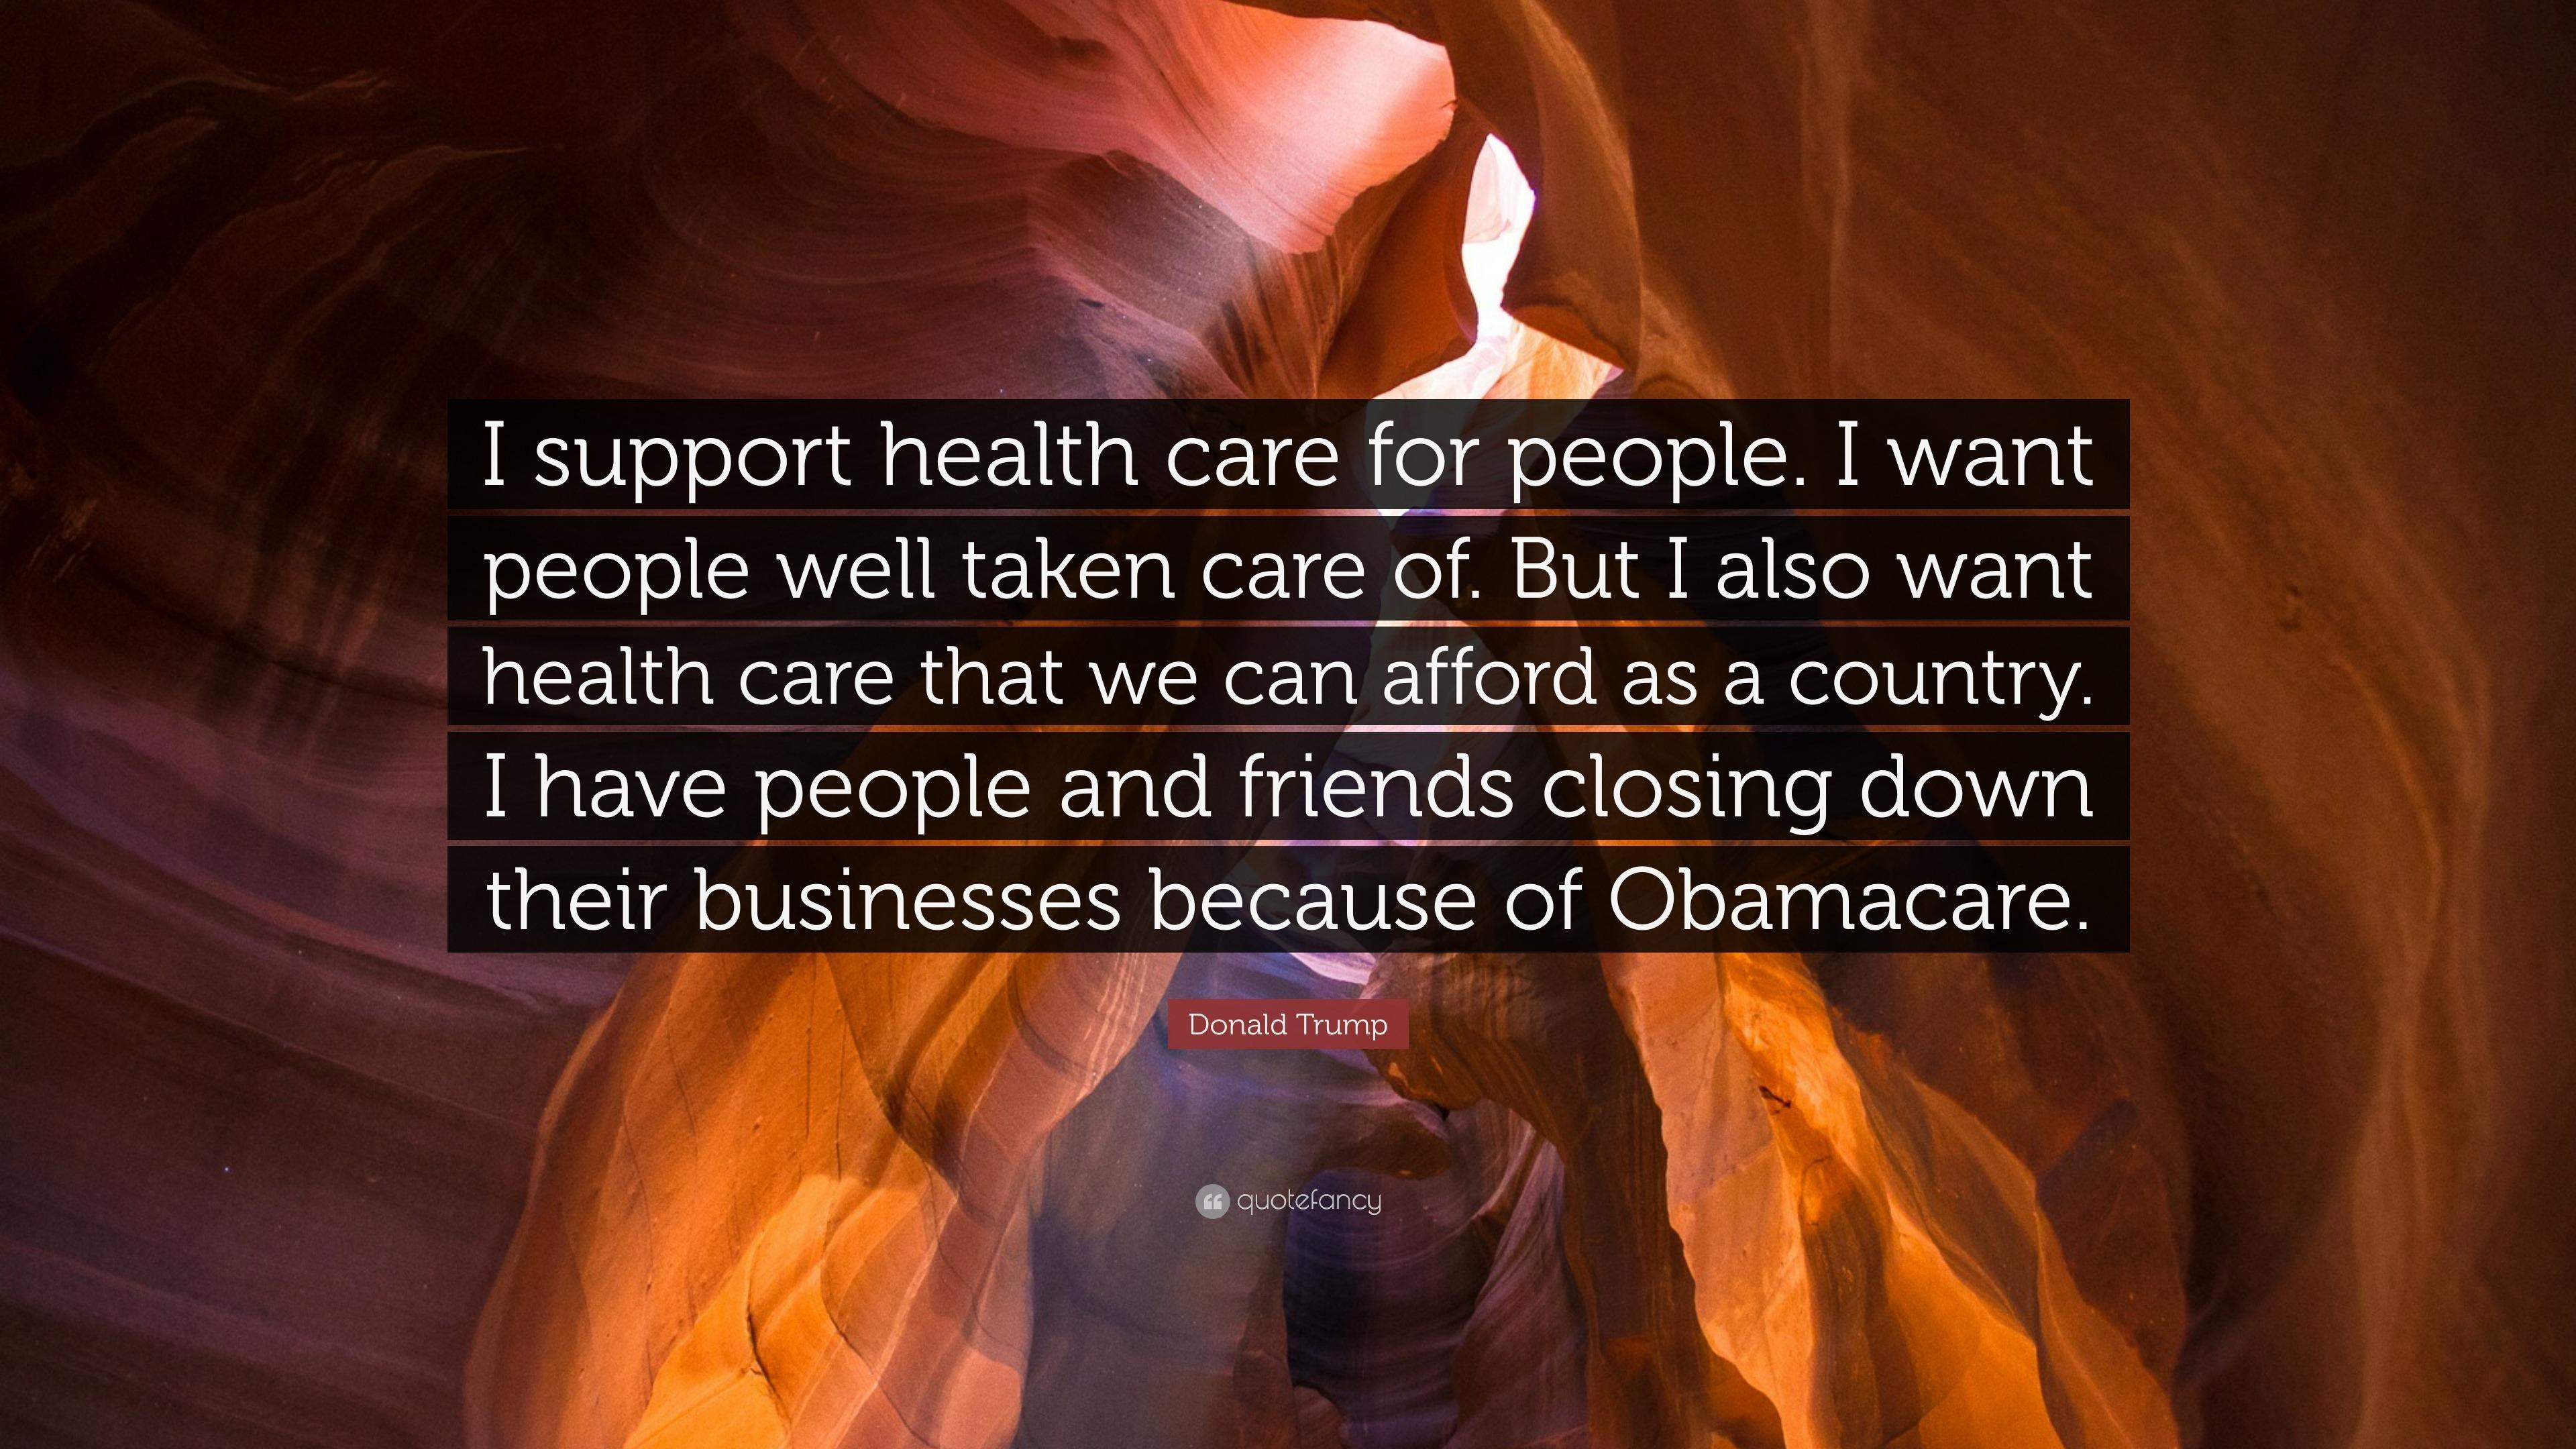 Donald Trump Health Care Quote Donald Trump Health Care Quote New Donald Trump's Quotes On